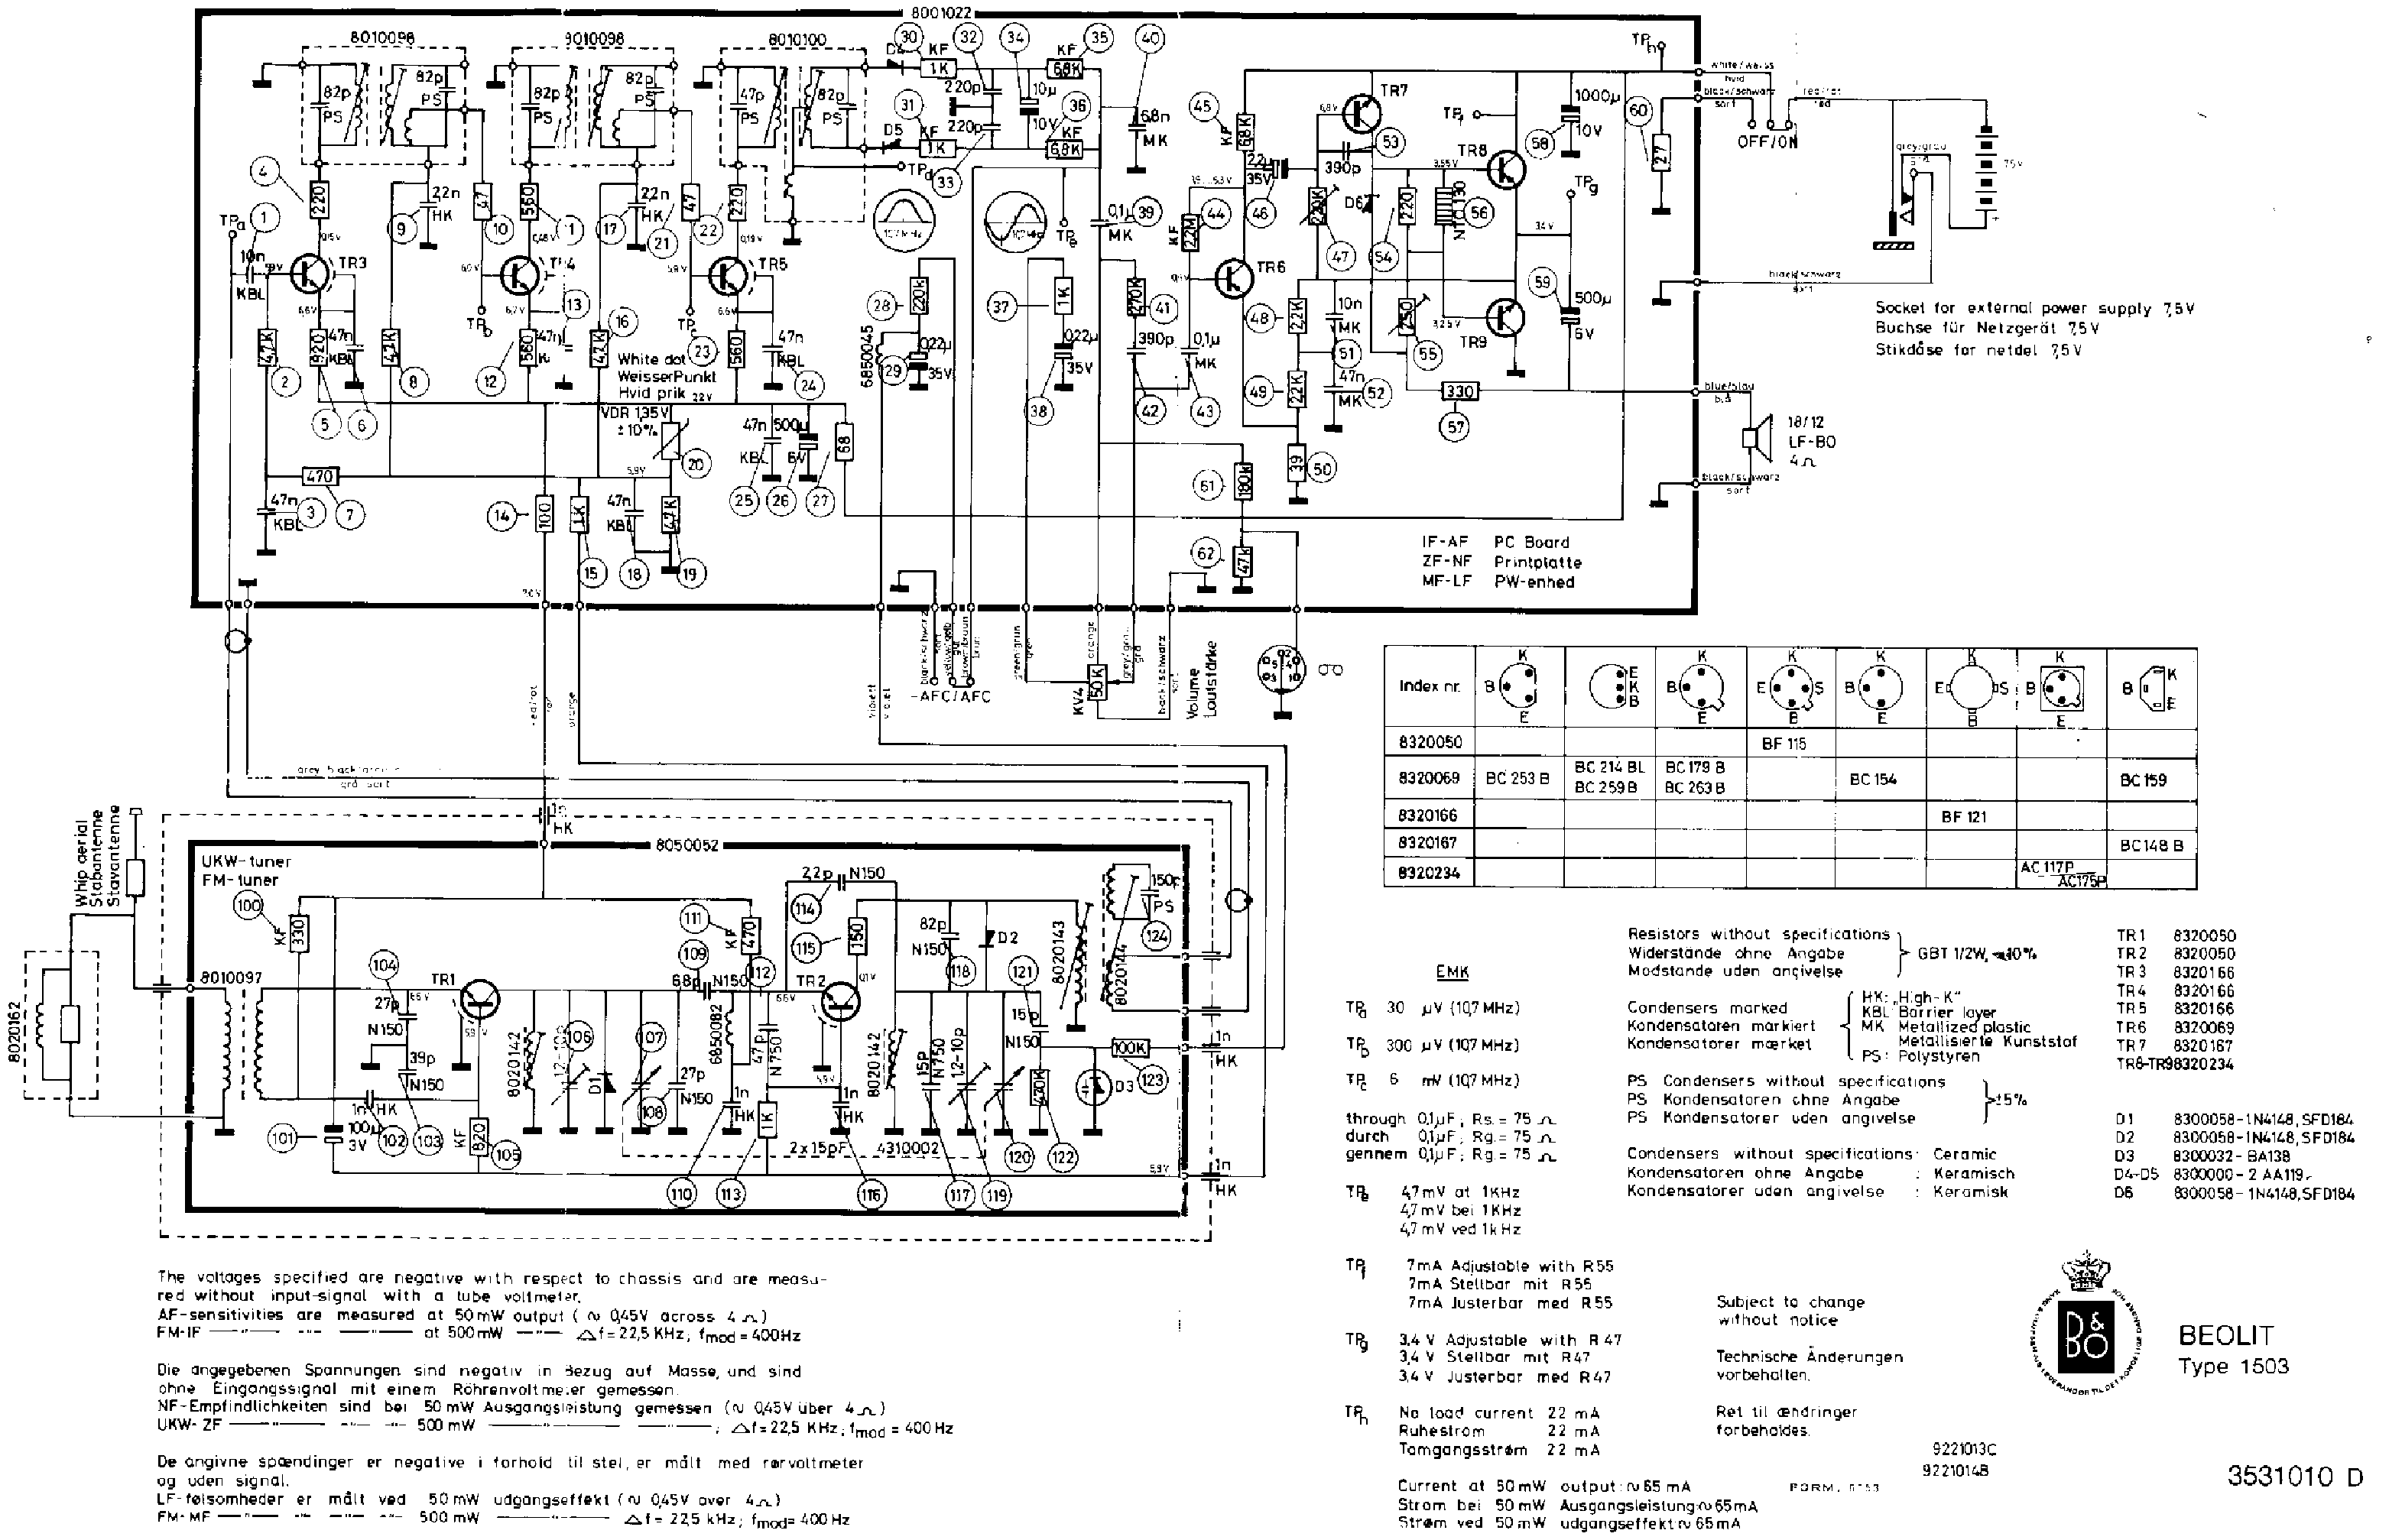 Kubota v2015t engine manual